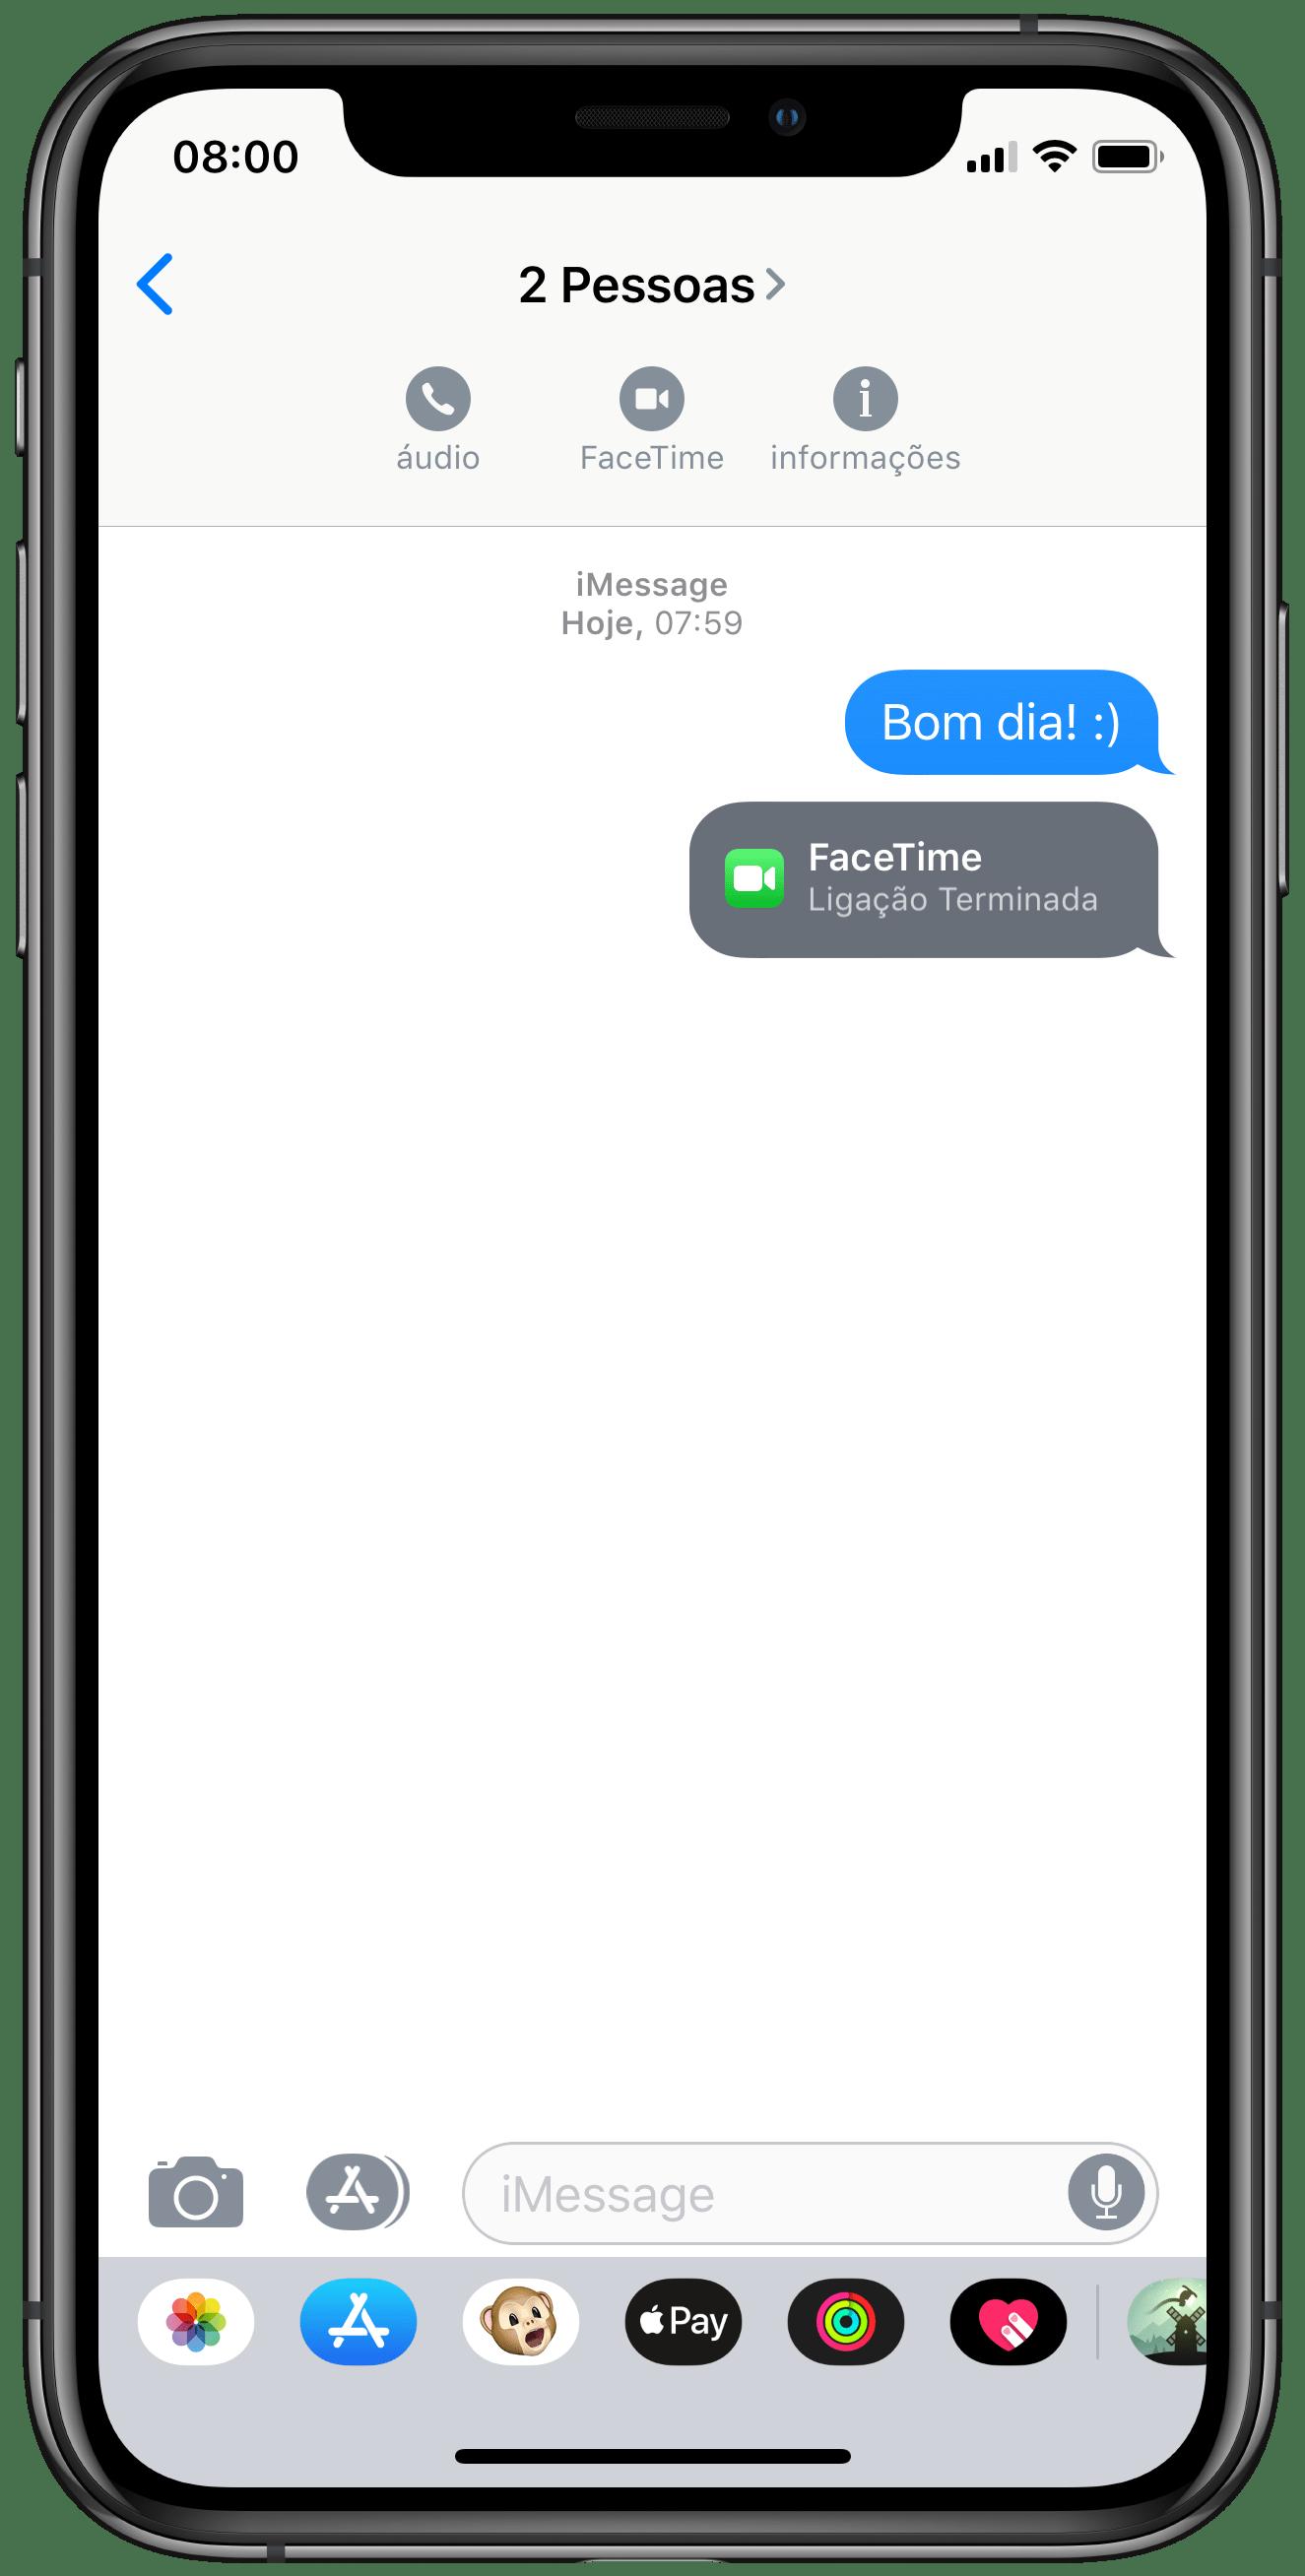 Iniciar chamada em grupo pelo app Mensagens